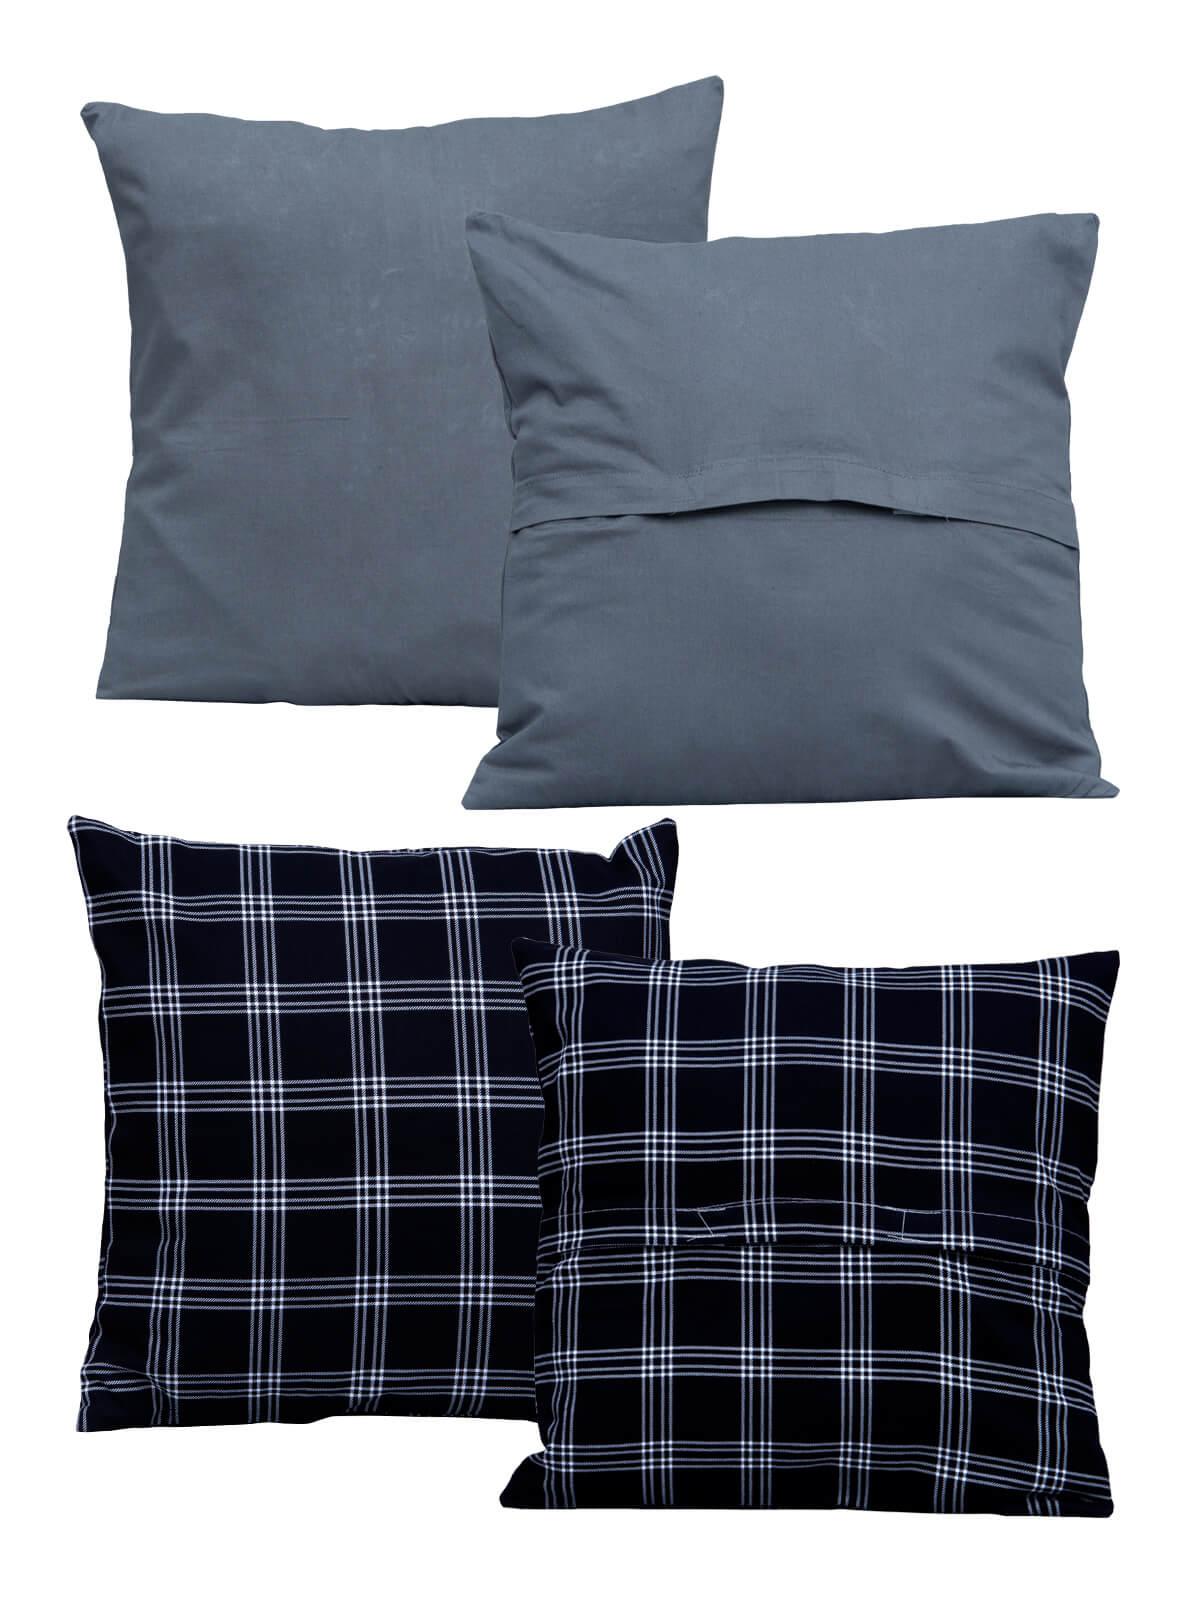 Fine Cotton Cushion Cover (5 Piece Set)